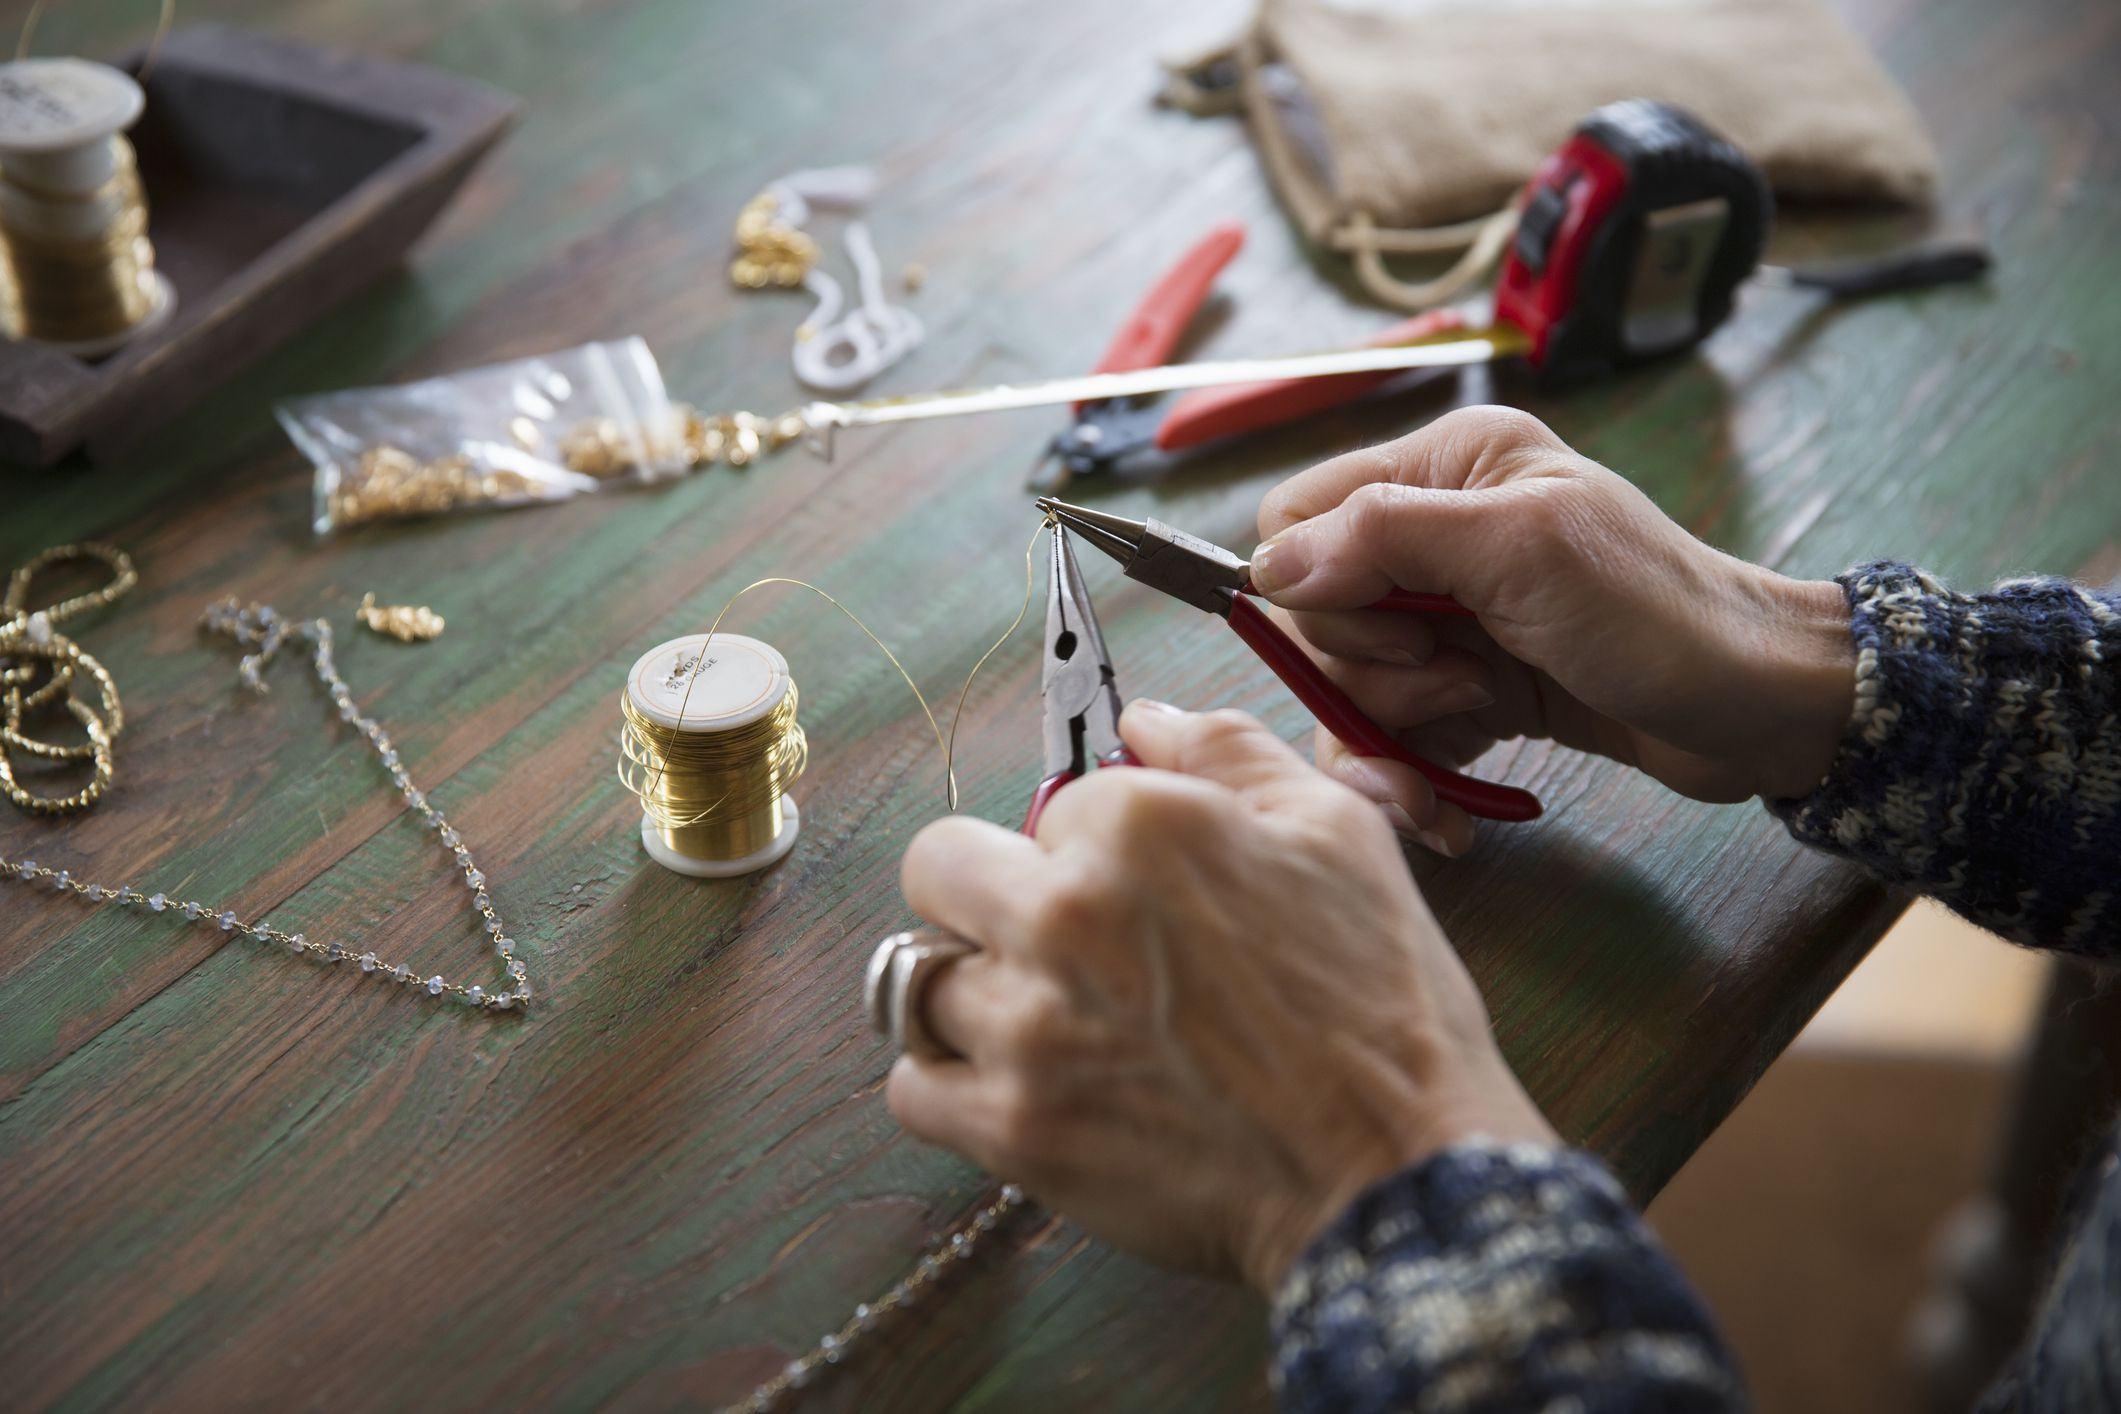 Không chỉ độc đáo và có chất riêng, các sản phẩm handmade được tái chế từ các nguyên liệu tưởng chừng không còn giá trị còn góp phần bảo vệ môi trường (Nguồn: Internet)